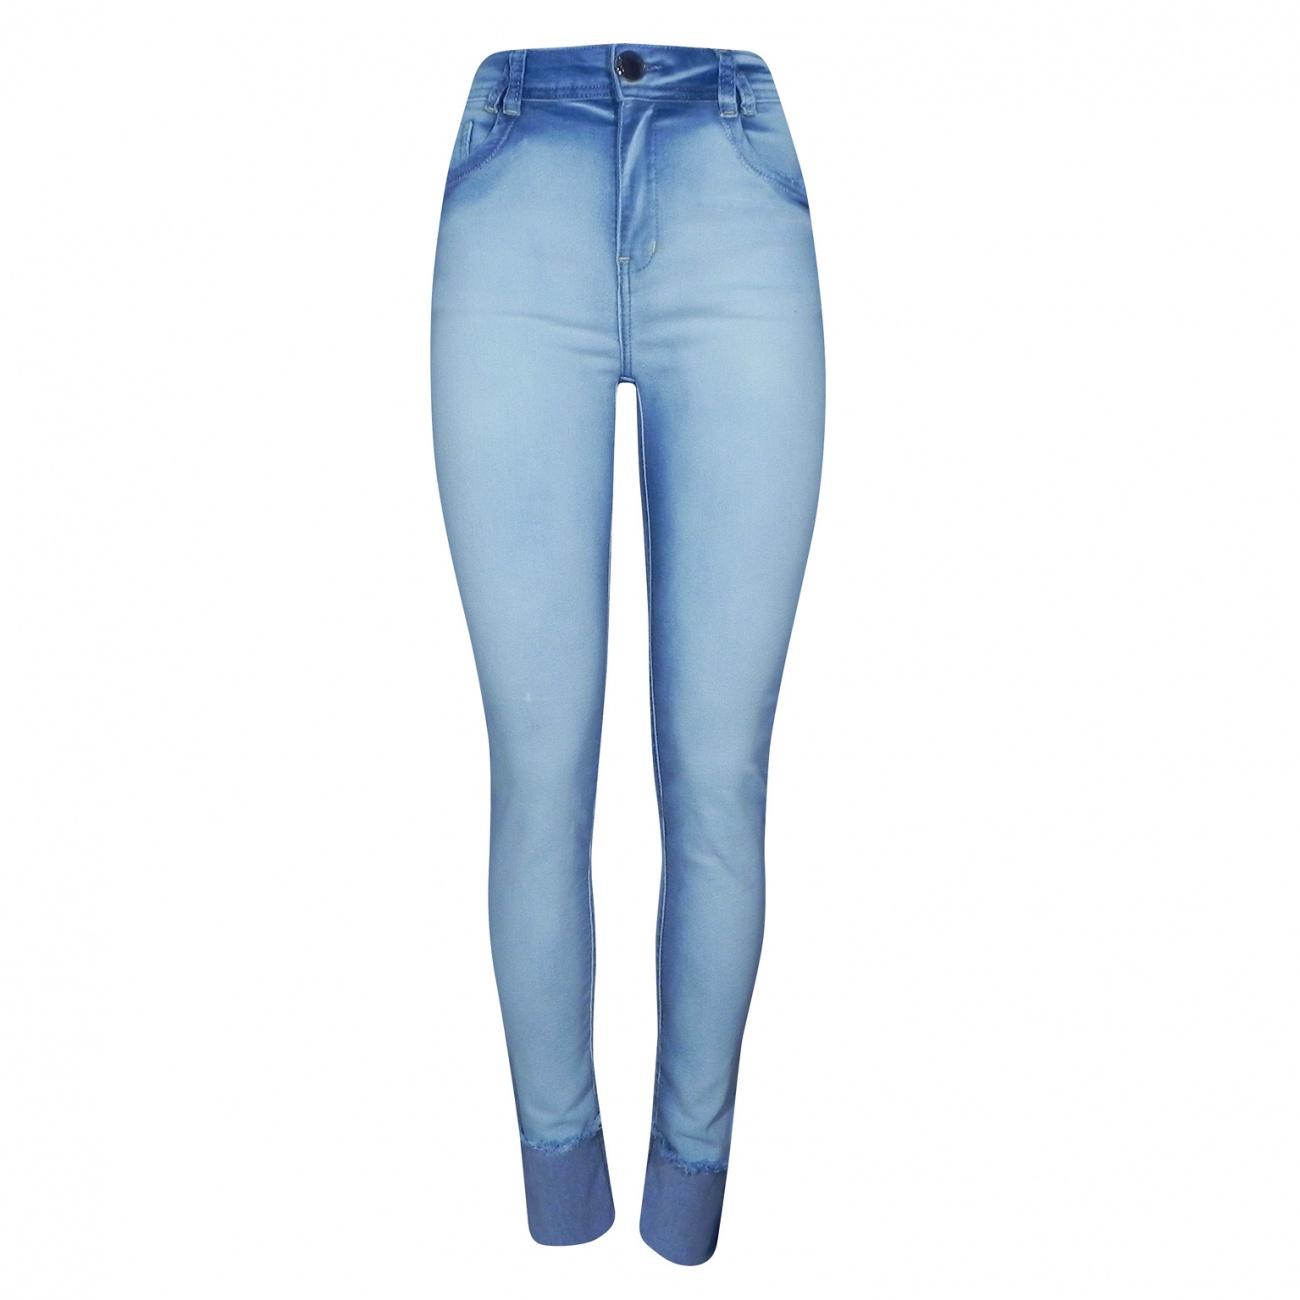 17c2bbd36 Calça Jeans Super Skinny com Barra Dimy - Pole Modas